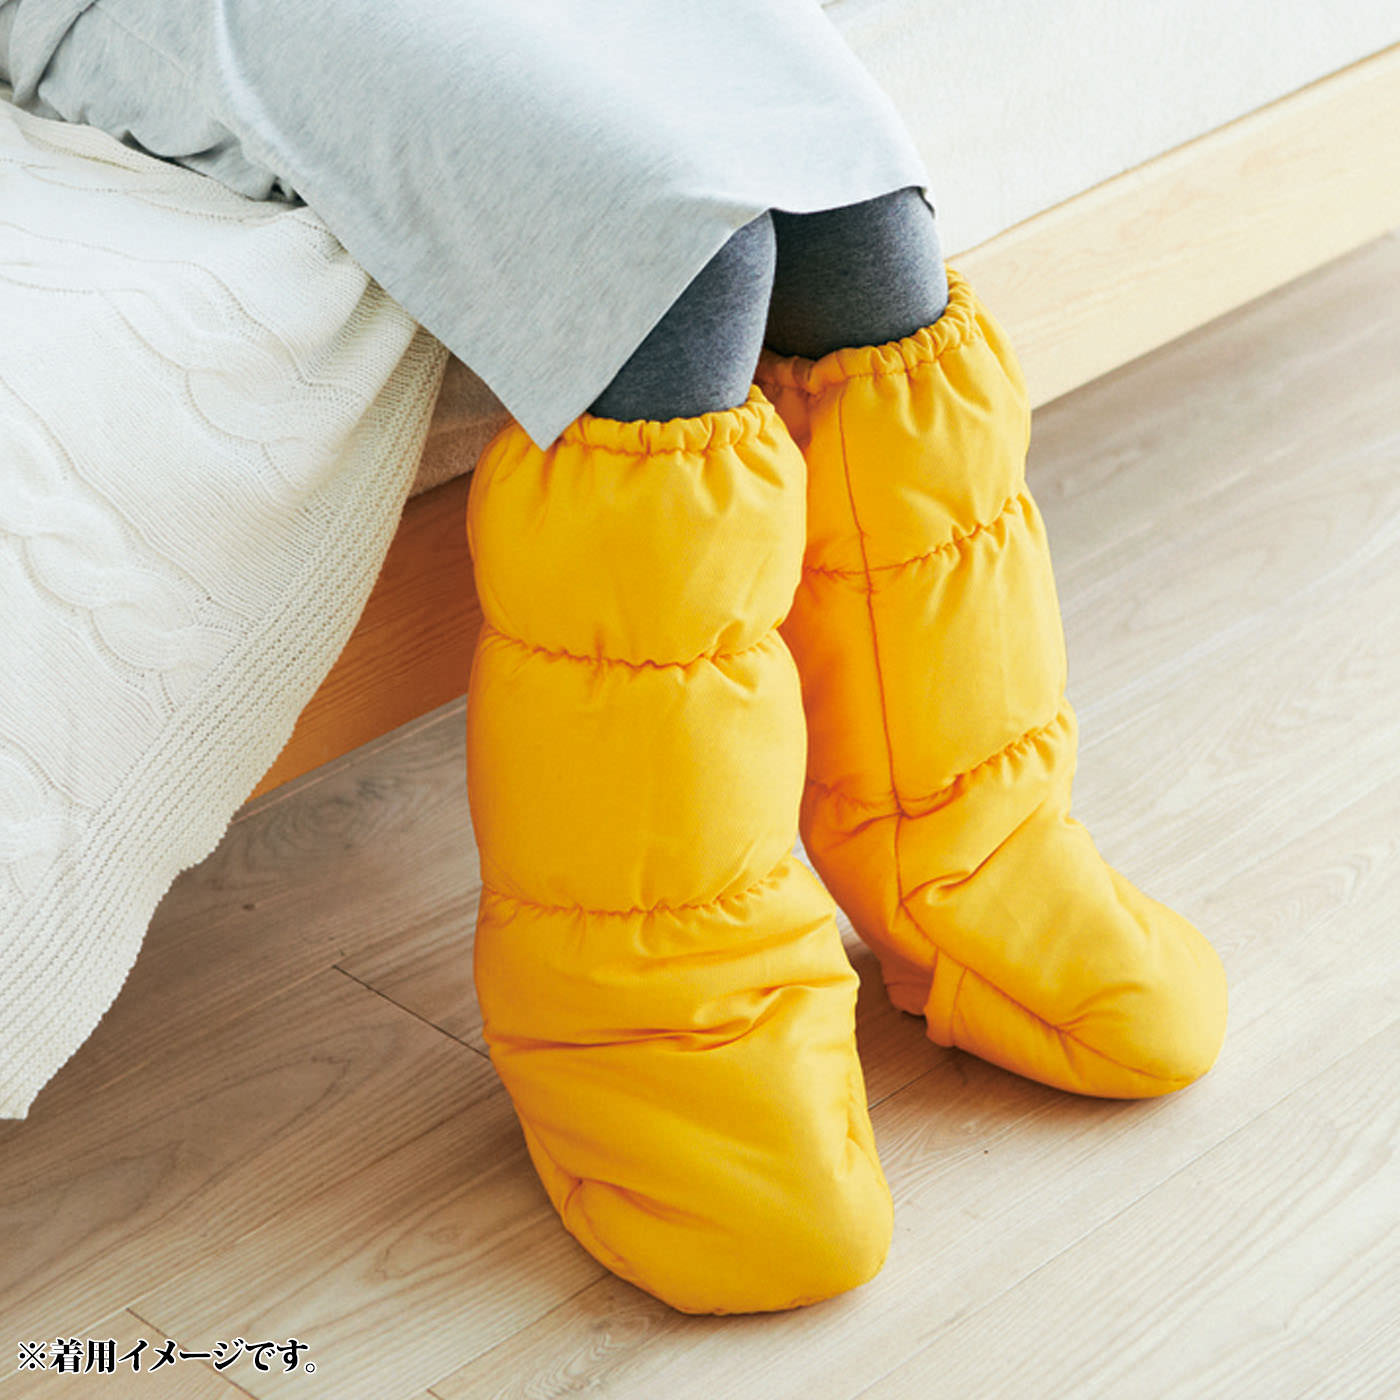 足先を冷えから守る、就寝時の定番に。